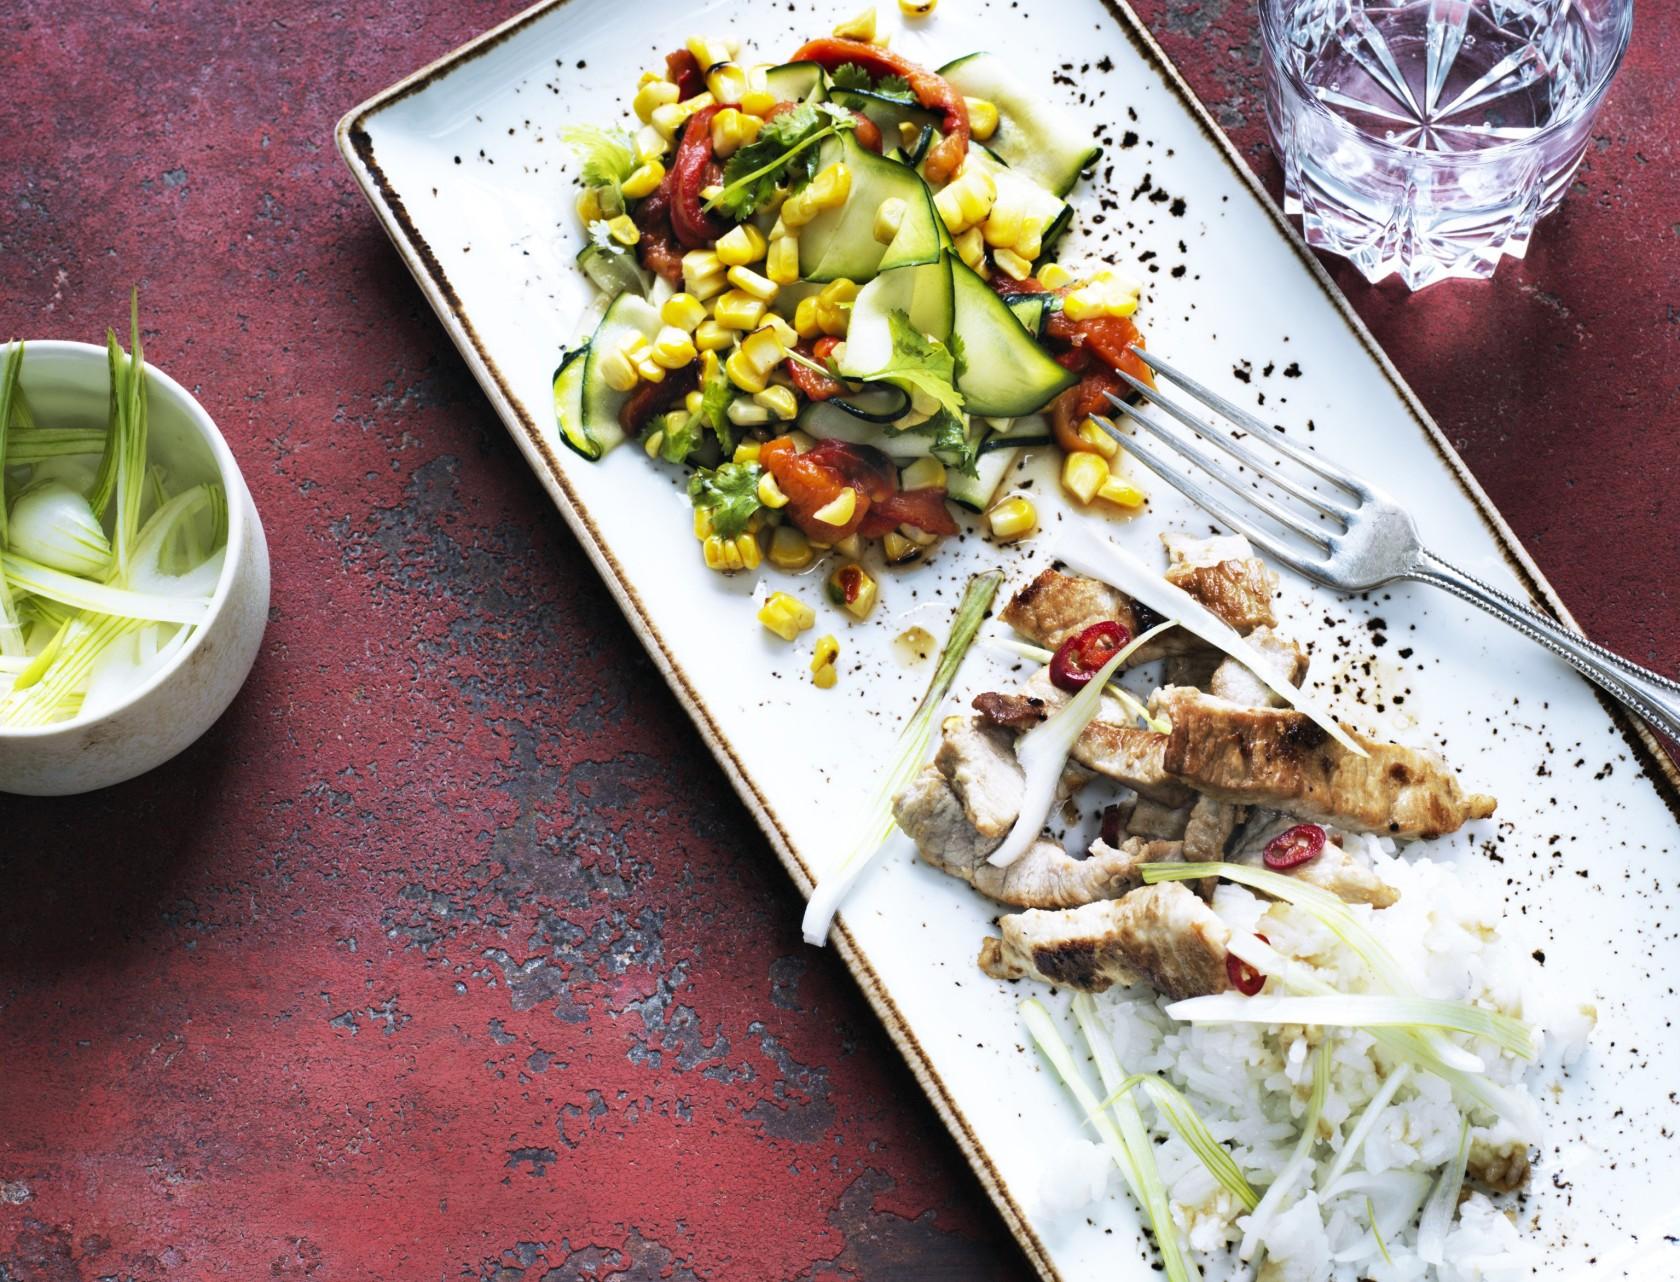 Svinekød i krydret sauce med grillede grøntsager - god opskrift på hverdagsmad.